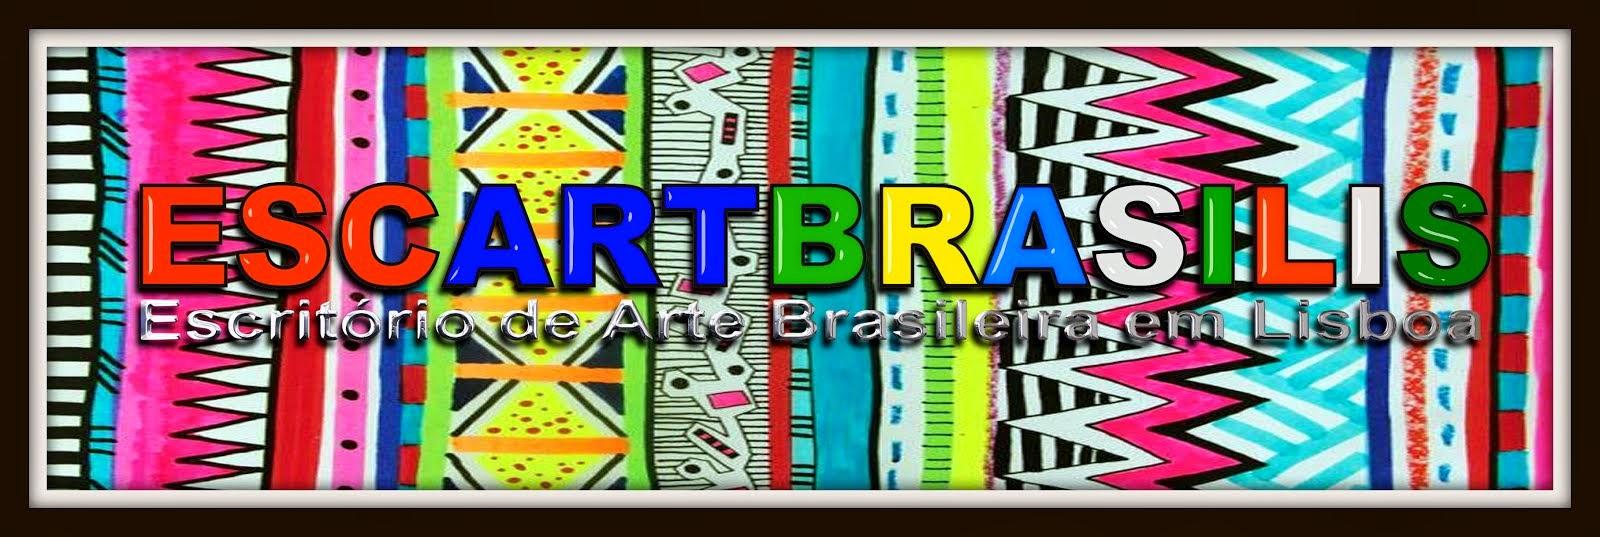 ESCRITÓRIO de ARTE BRASILEIRA em LISBOA